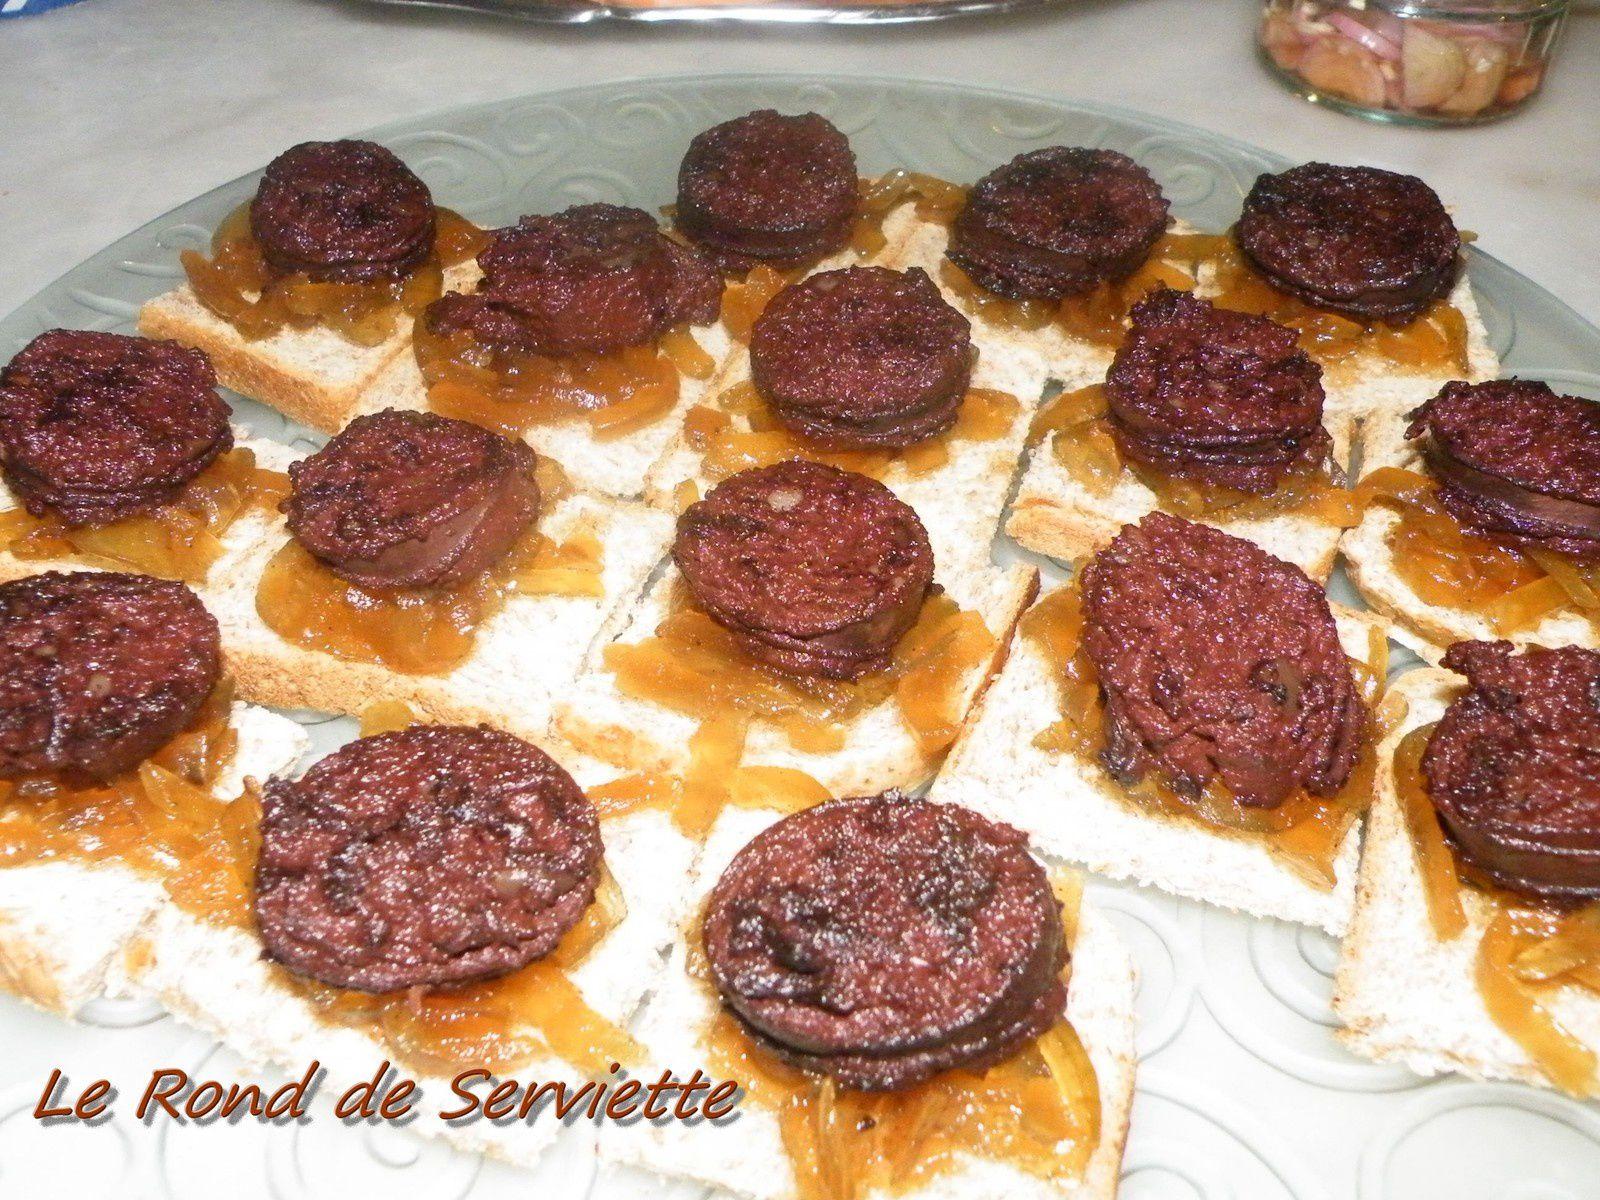 Toasts de boudins noirs sur lit d'oignons confits